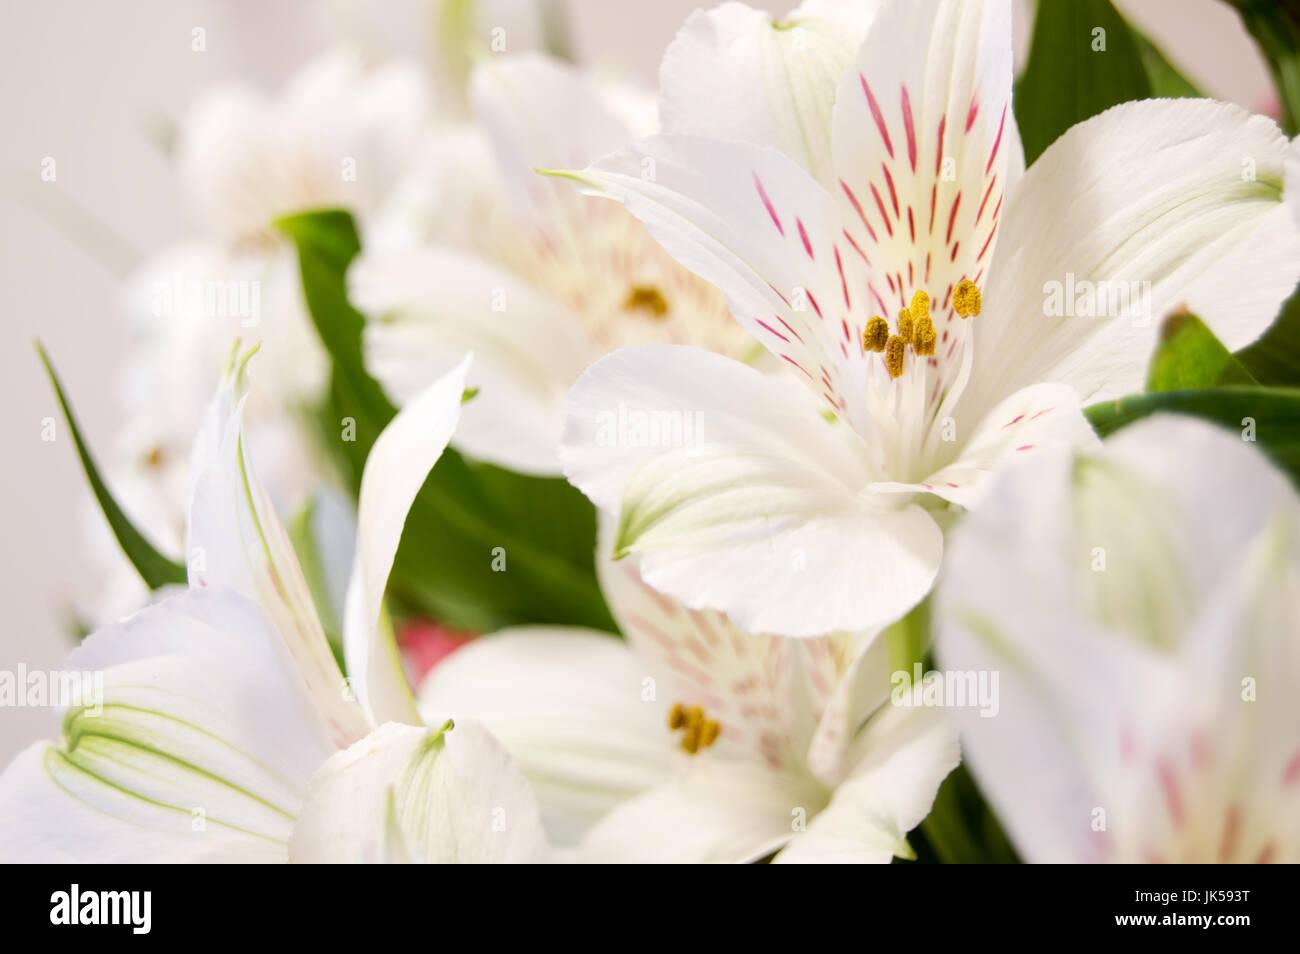 White alstroemeria stock photos white alstroemeria stock images an white alstroemeria flower on a white background stock image mightylinksfo